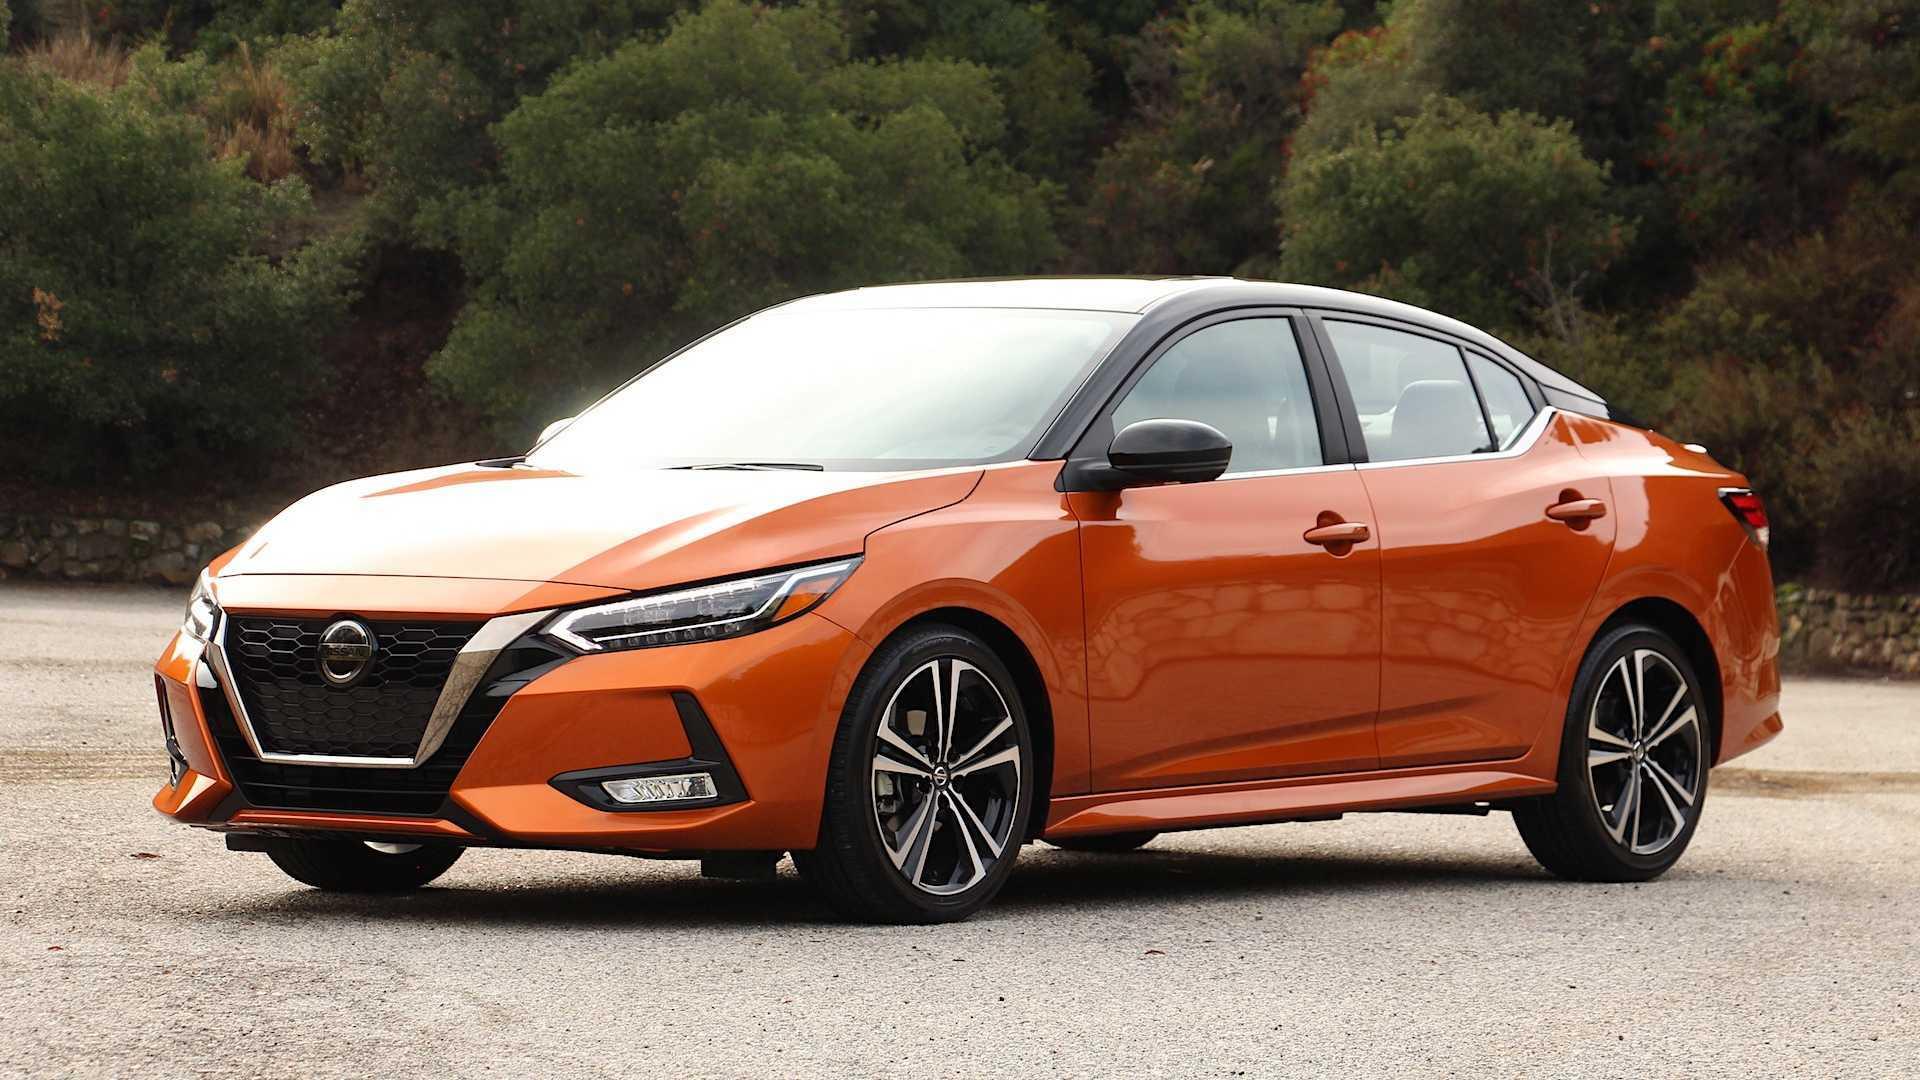 Novo Nissan Sentra Chega A Argentina Com Motor 2 0 E Precos A Partir De R 135 700